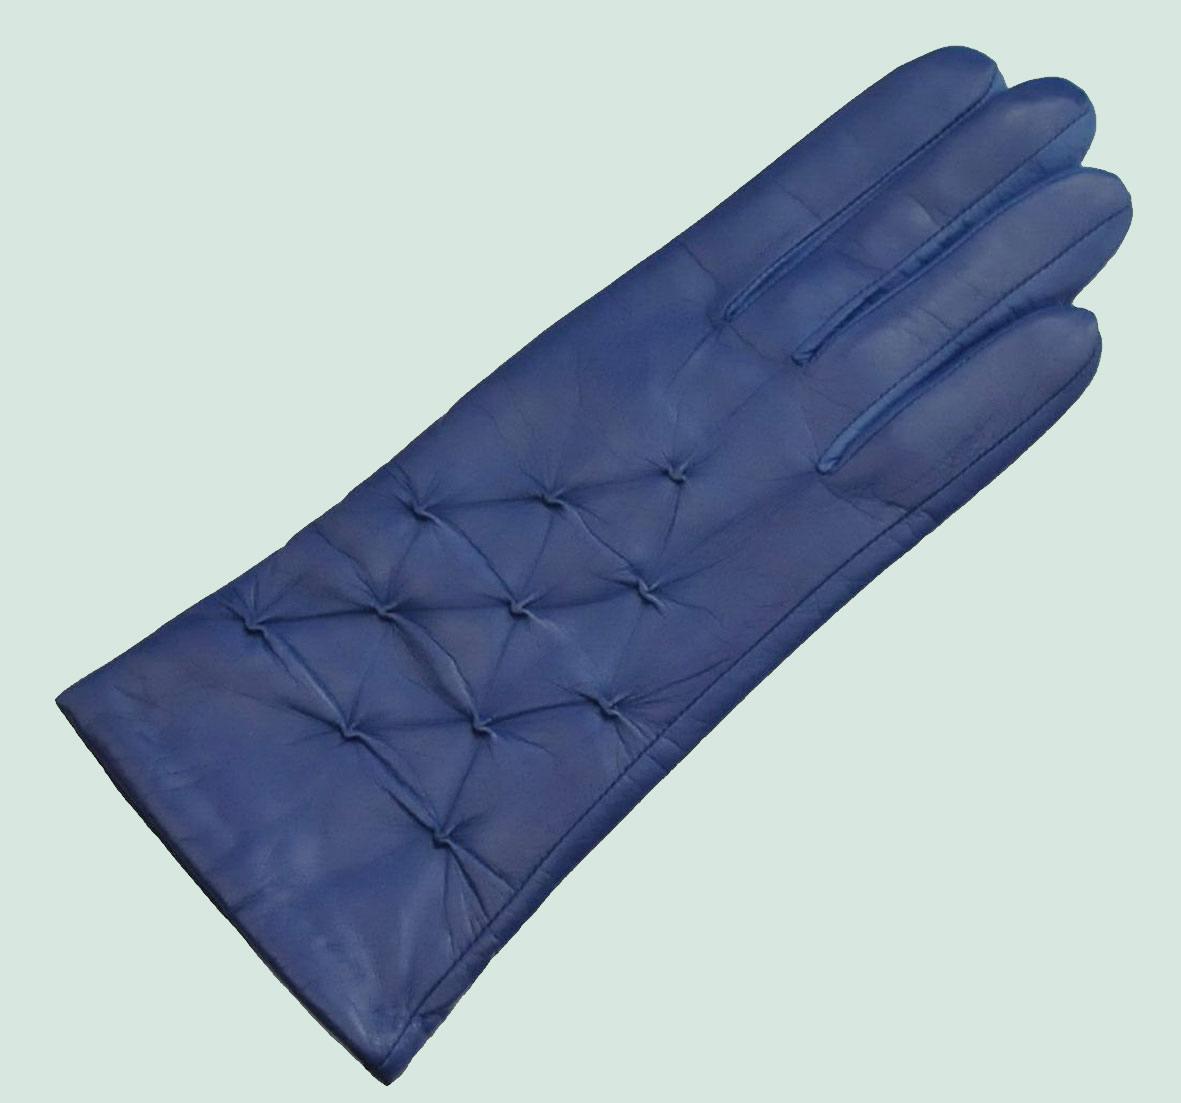 Сбор заказов. Перчатки. Итальянские бренды-Finnеmах, Gоnnеr и Vitt0ni. Плюс распродажа. Февраль